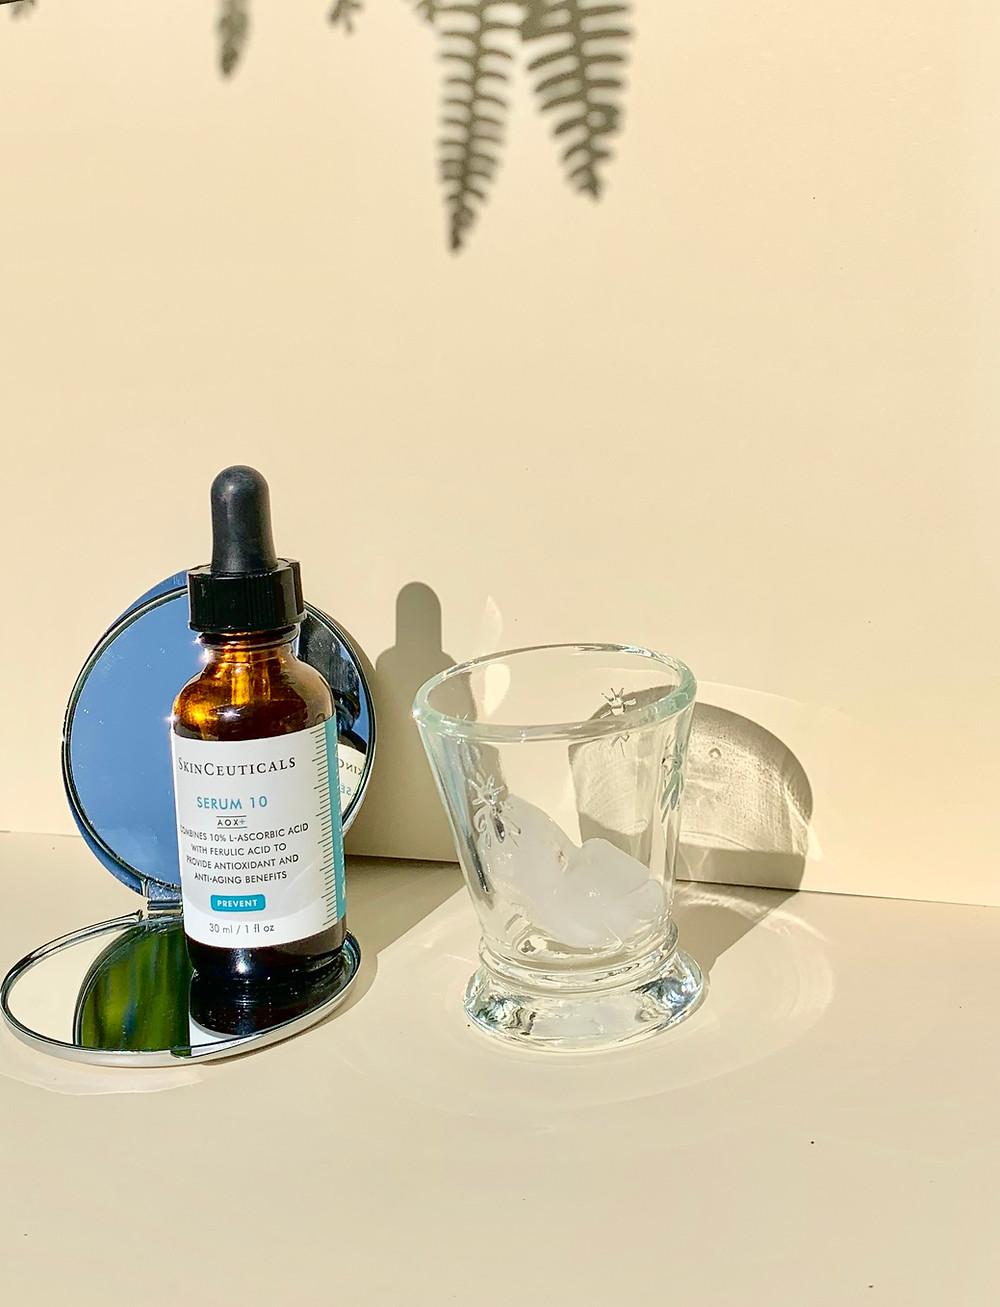 Skinceuticals Vitamin C Product